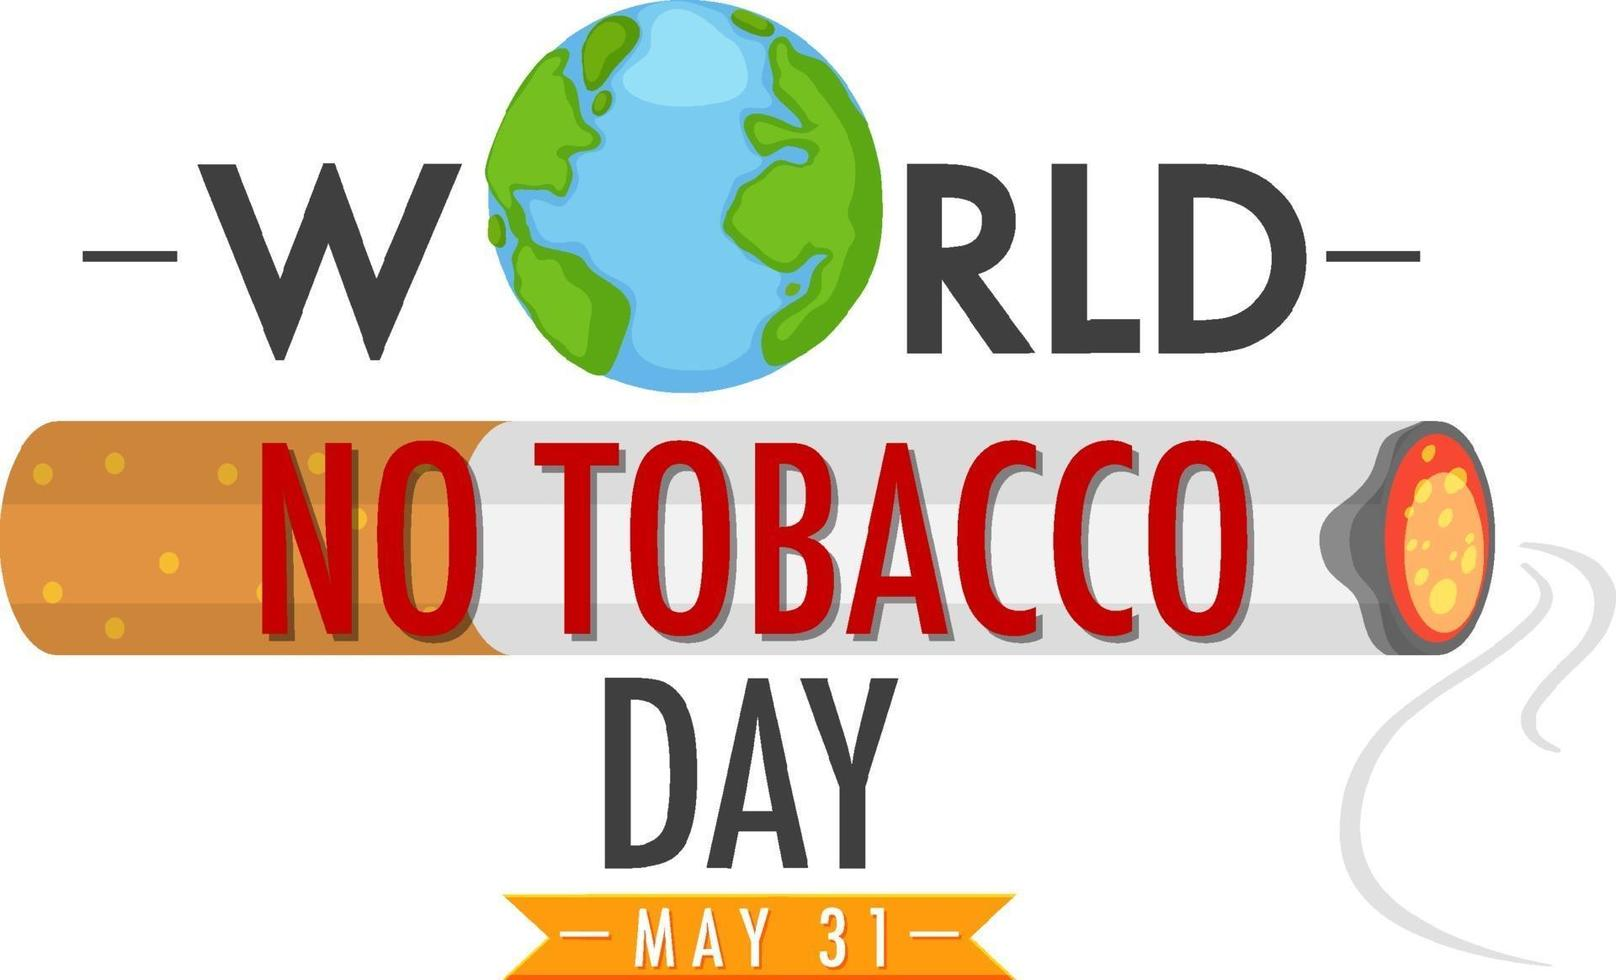 logo della giornata mondiale senza tabacco con tabacco che brucia con il fumo vettore